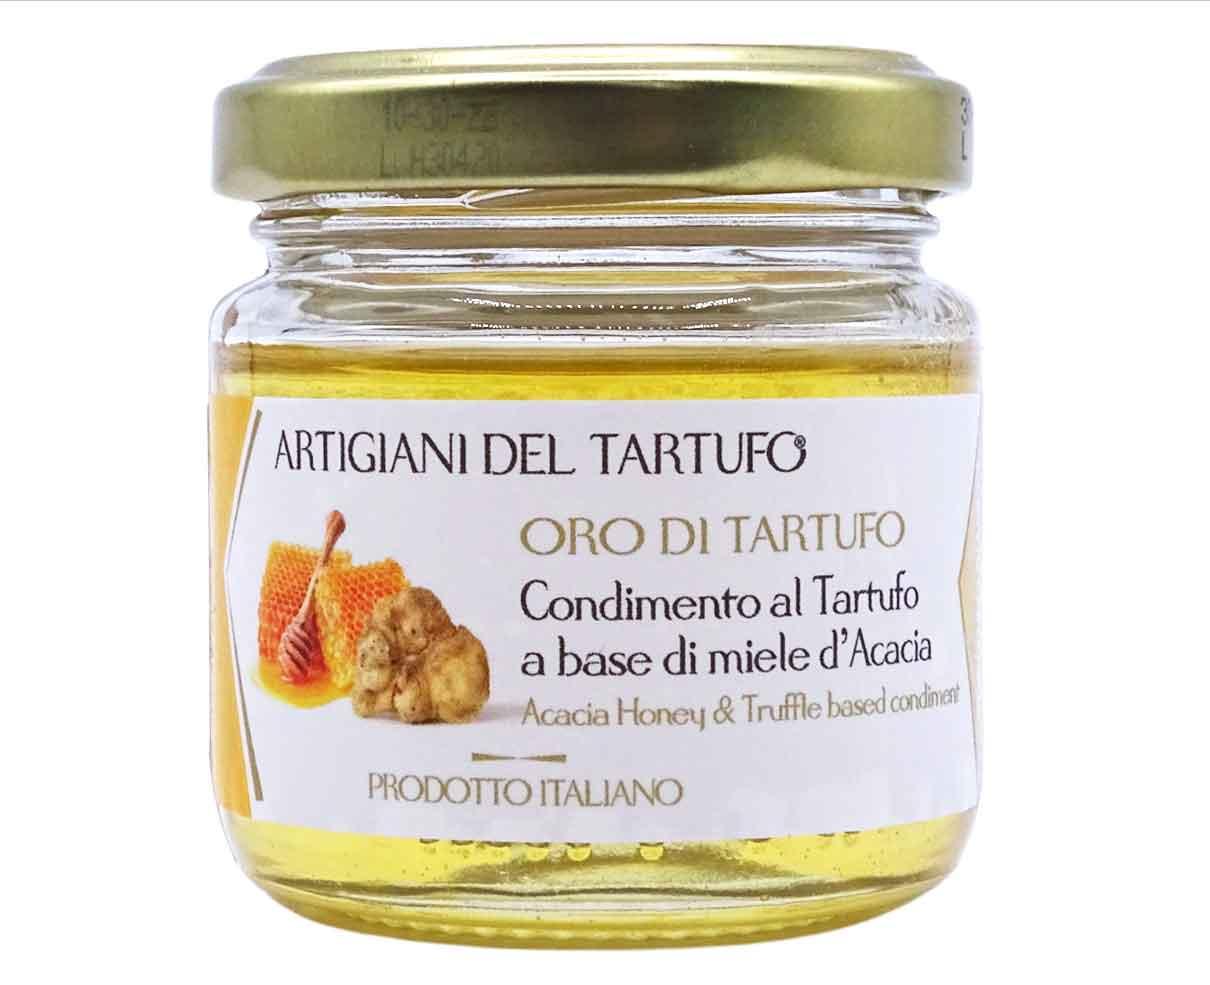 Condimento al tartufo a base di miele d'acacia Artigiani del Tartufo 120gr